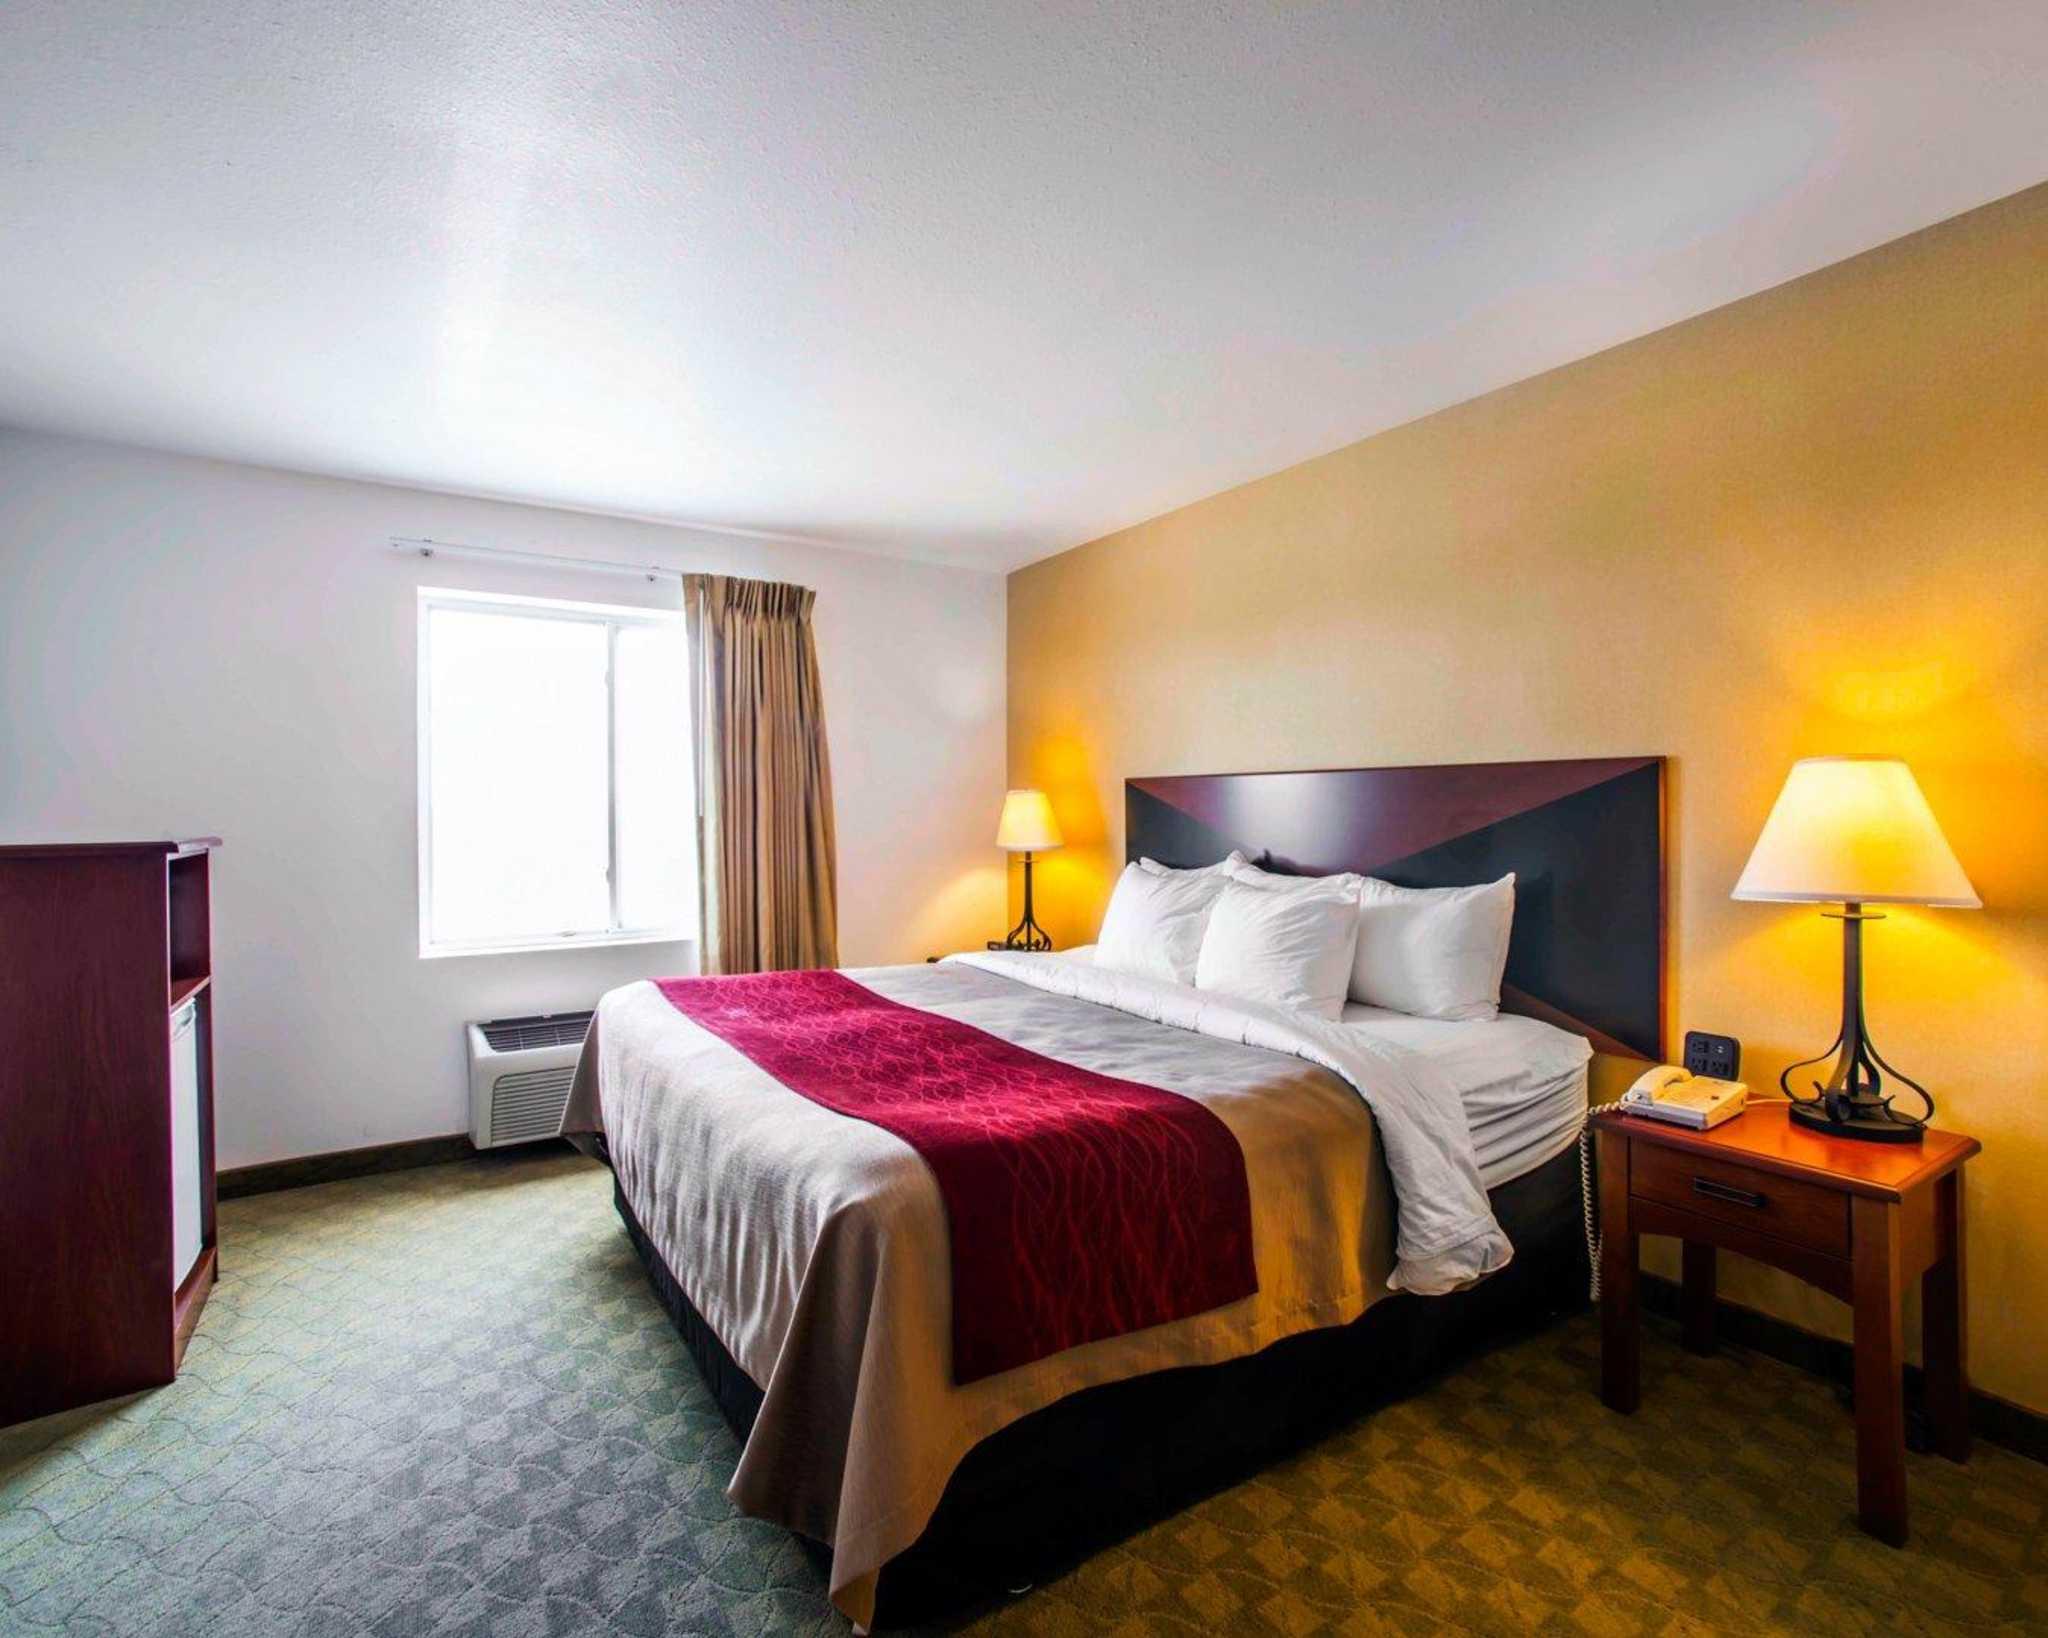 Comfort Inn & Suites Greenville I-70 image 12